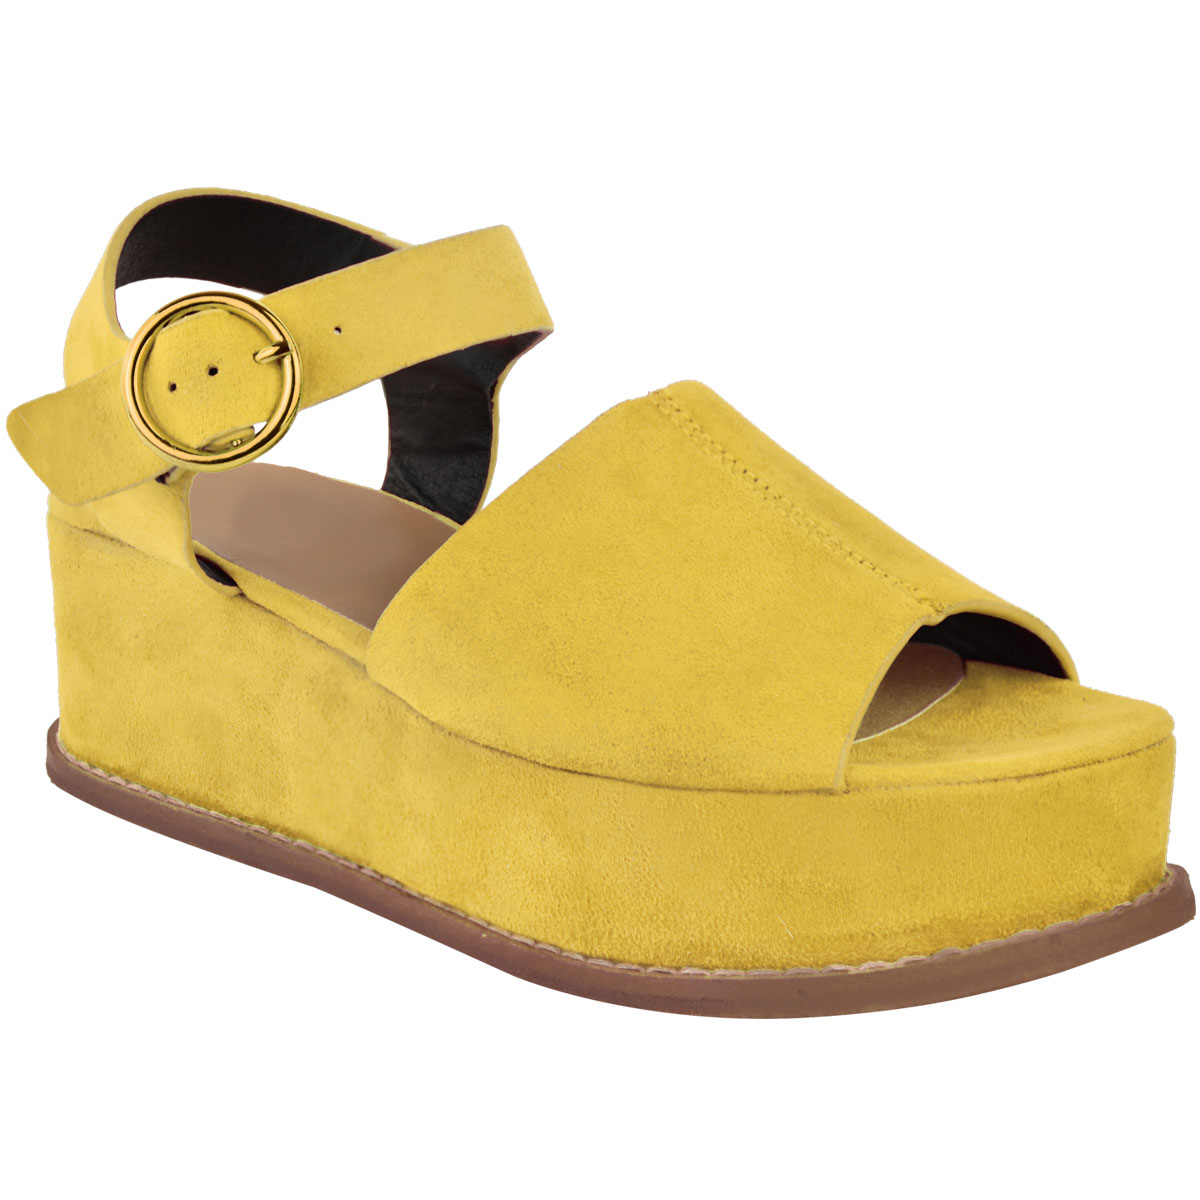 Womens-Ladies-Low-Heel-Flatforms-Wedge-Platform-Sandals-Open-Toe-Summer-Size